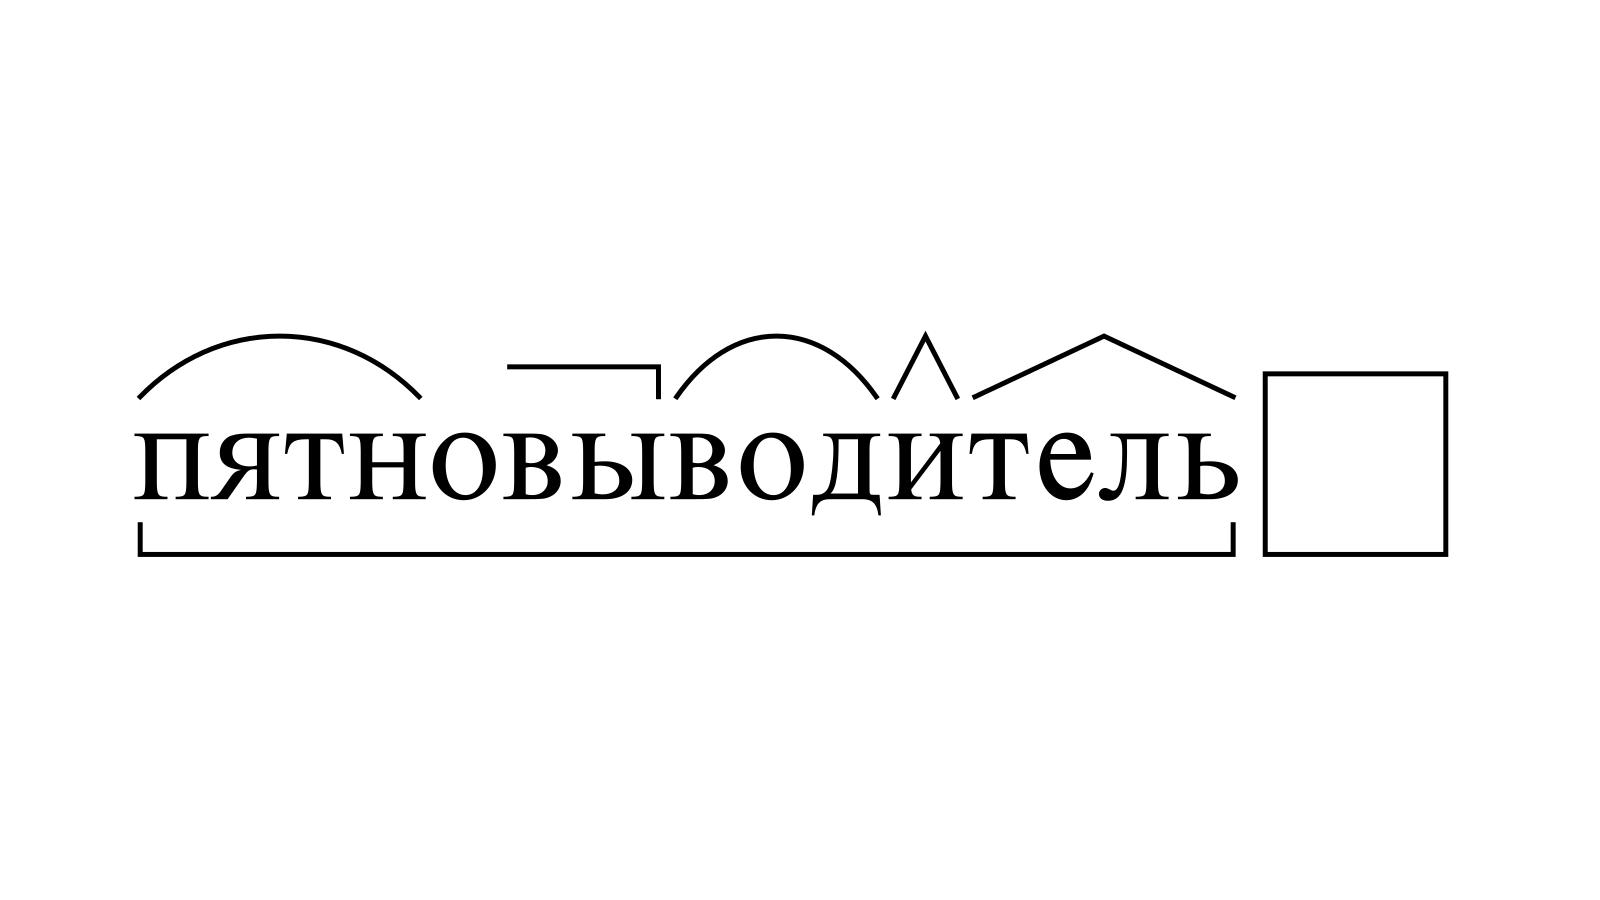 Разбор слова «пятновыводитель» по составу